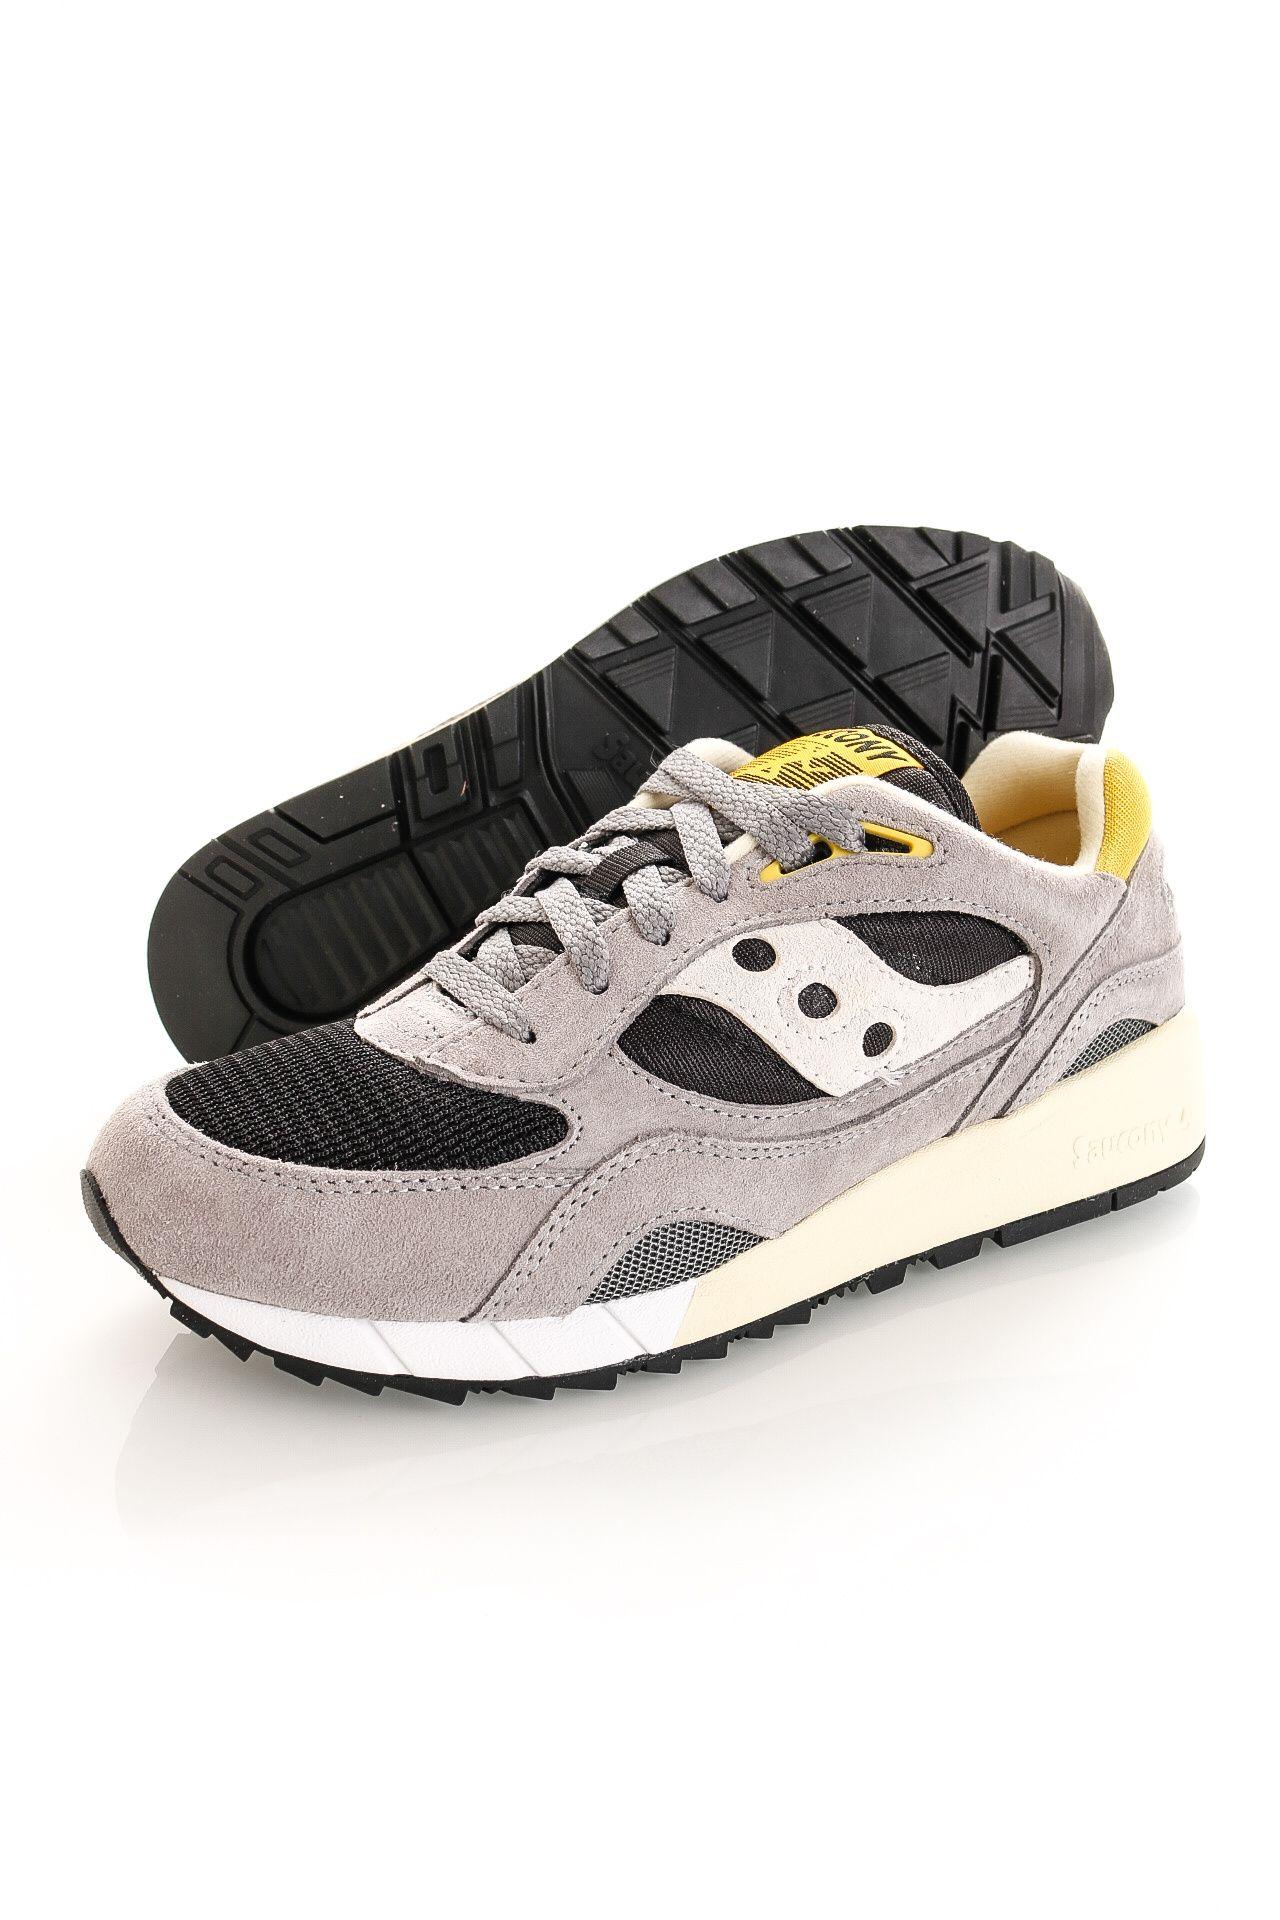 Afbeelding van Saucony Sneakers Shadow 6000 Grey/Black S70441-21